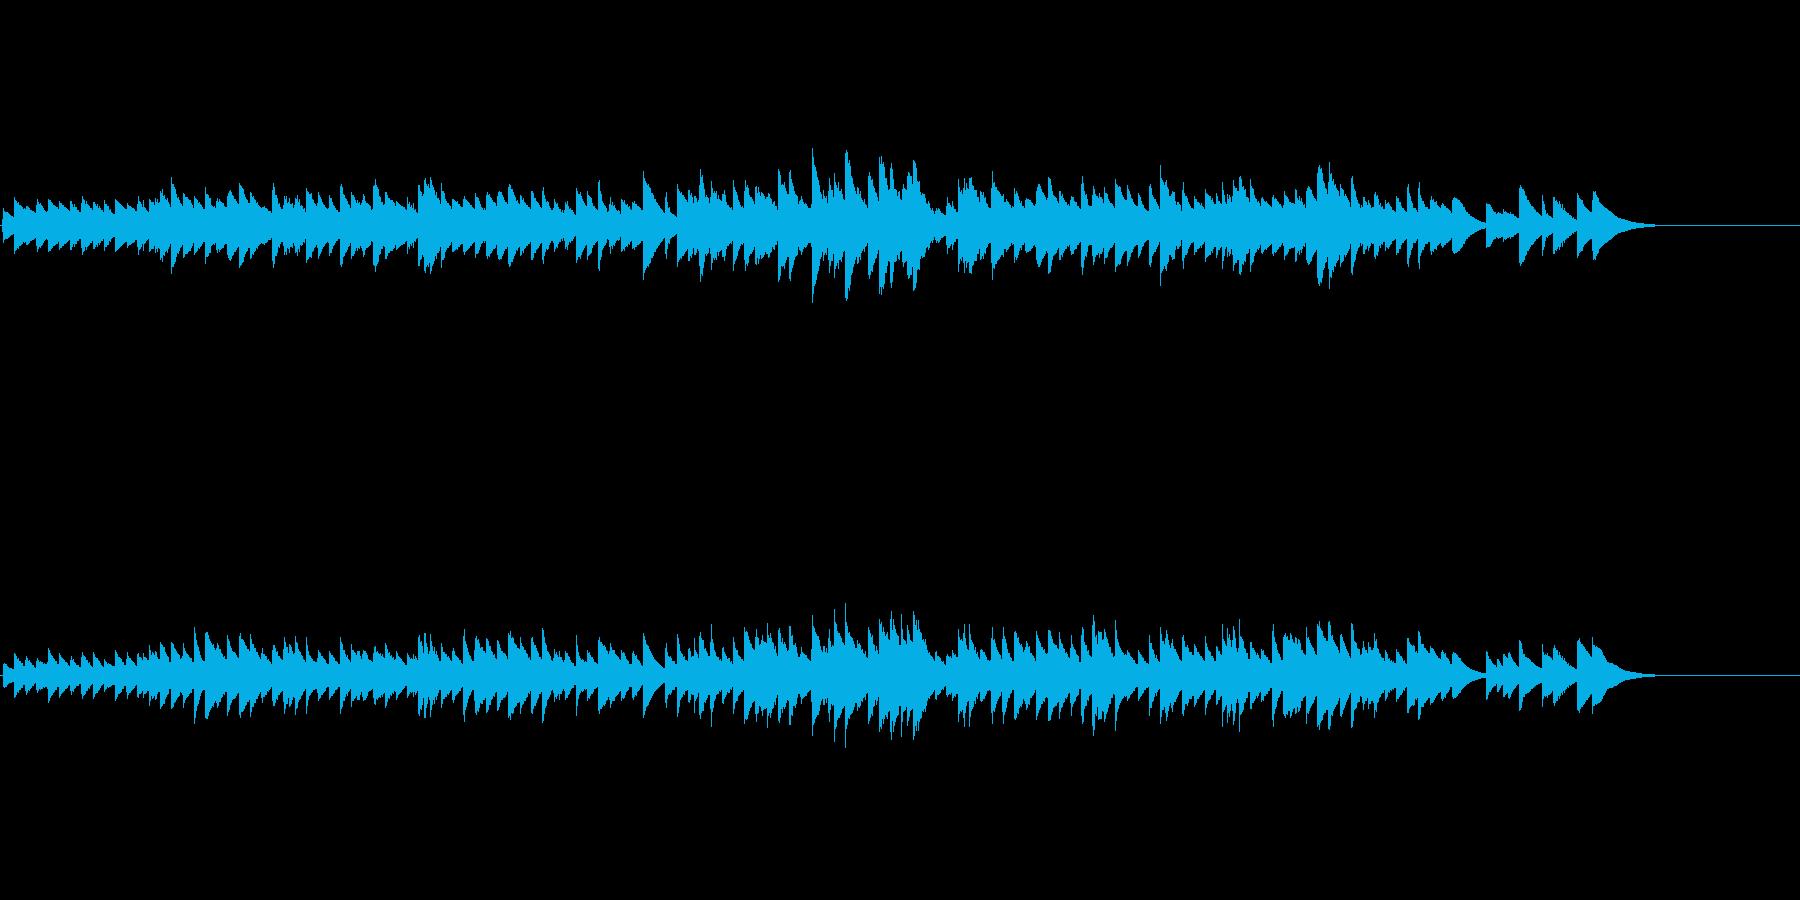 不思議なバレリーナのオルゴールワルツ曲の再生済みの波形